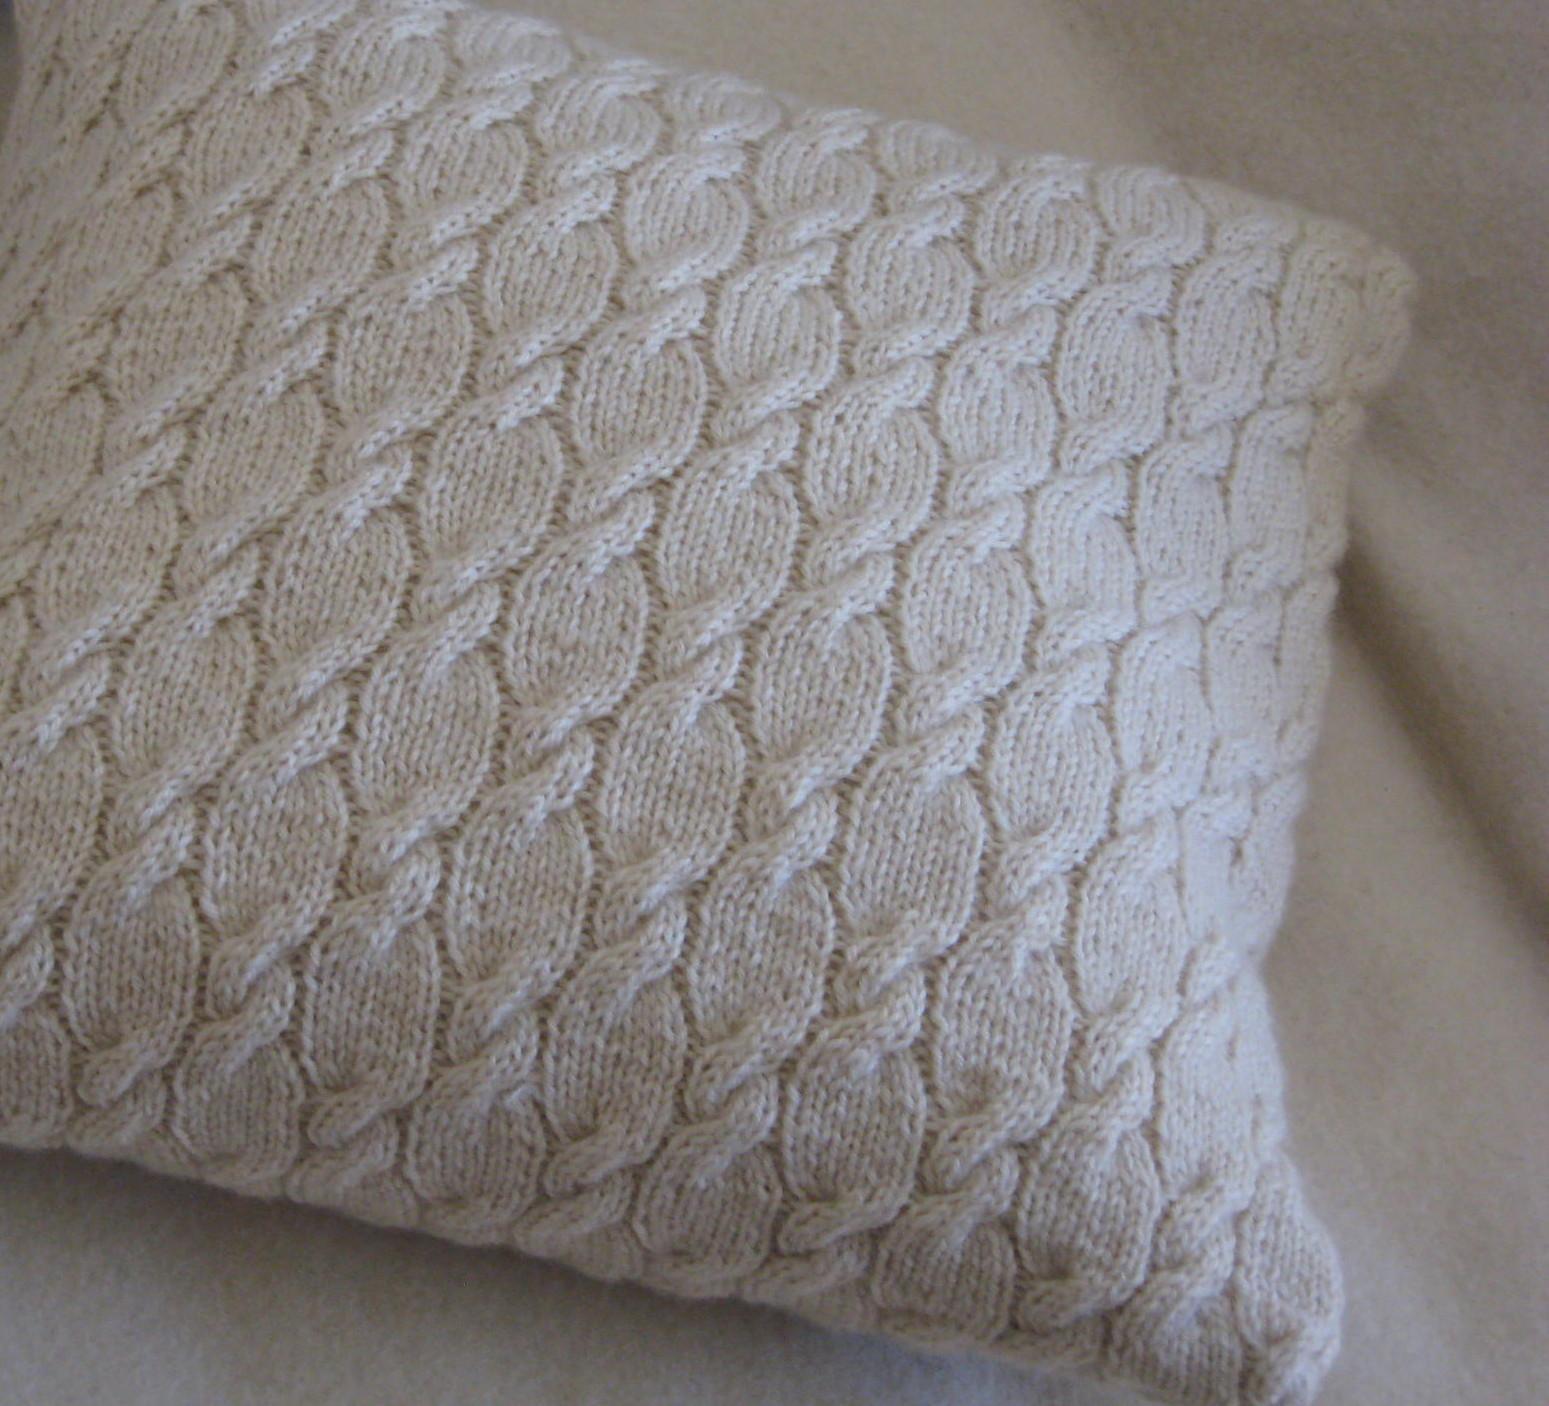 aran knitting lieblingsst ck. Black Bedroom Furniture Sets. Home Design Ideas